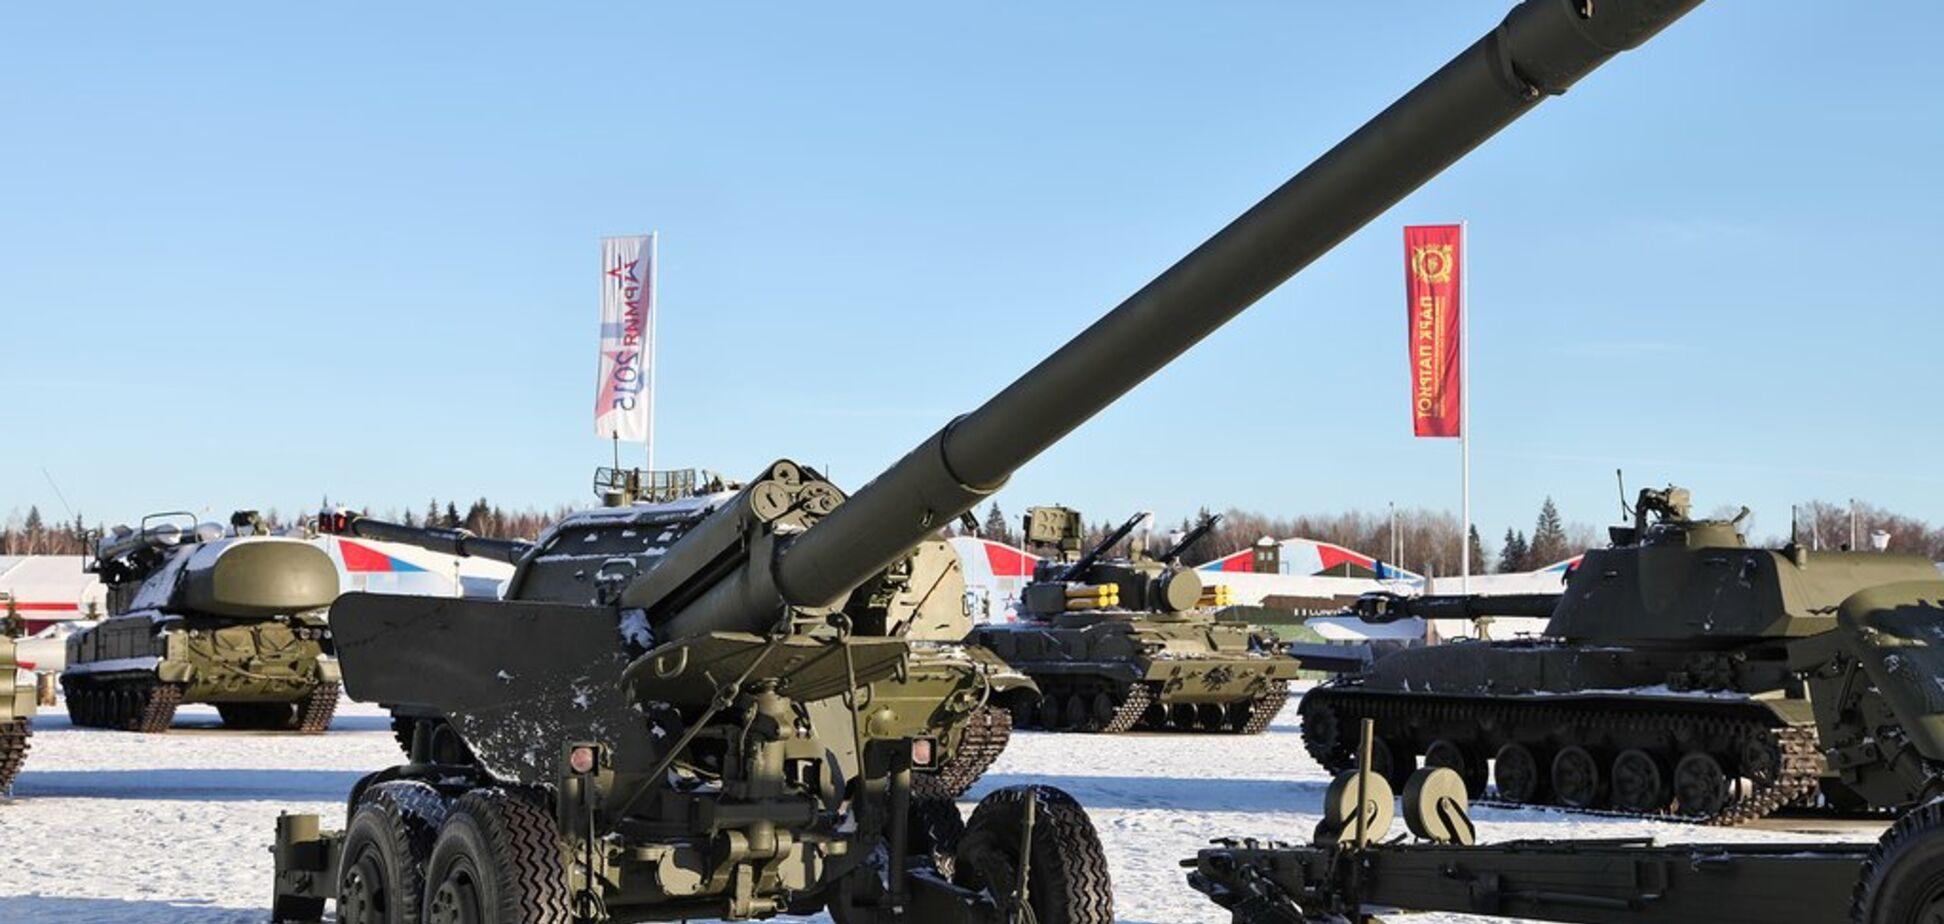 Під Луганськом помітили ударну зброю Росії: що відбувається